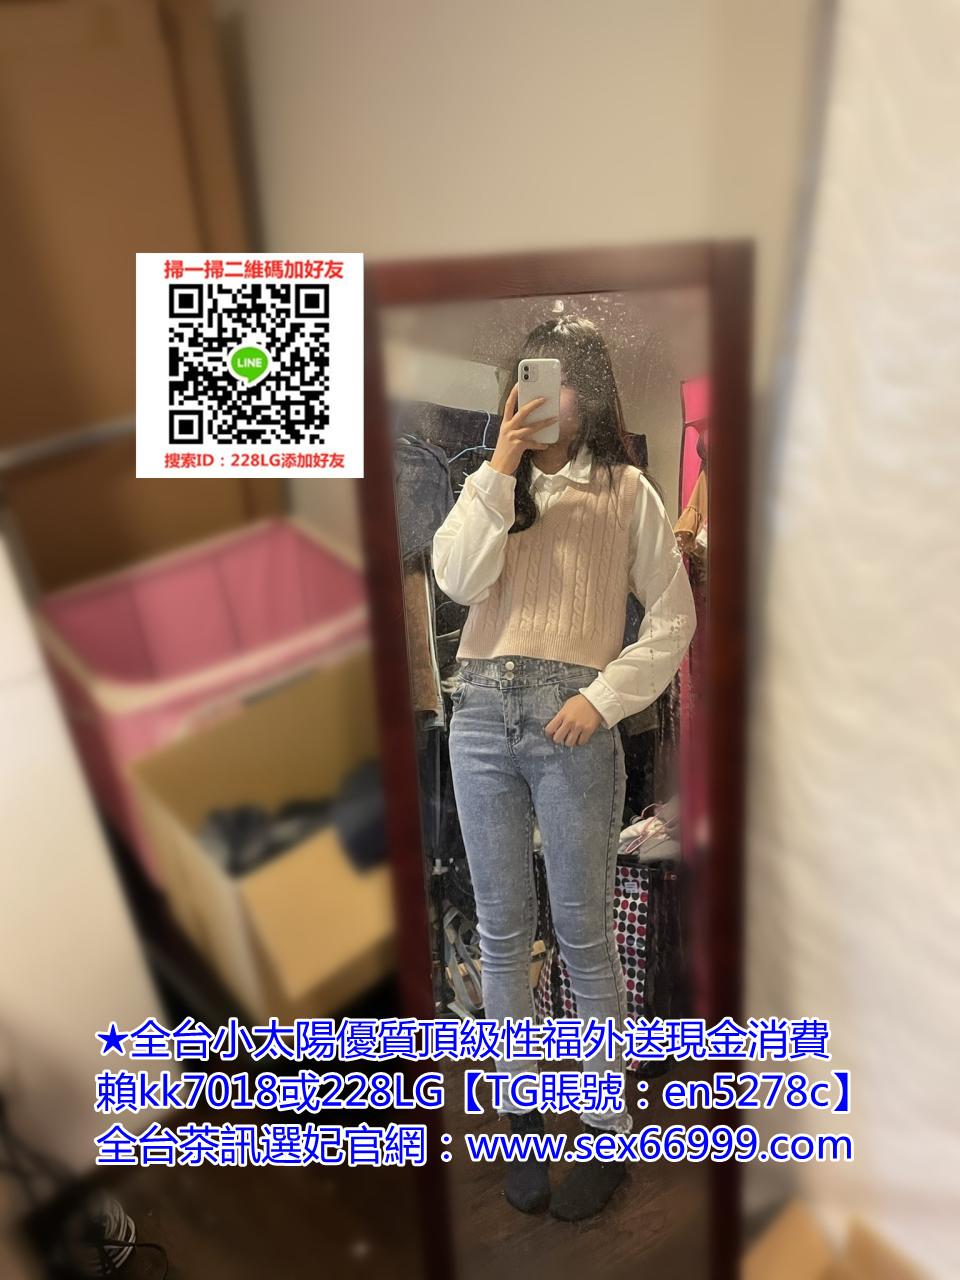 """星耀娛樂城-賴kk7018初次嘗試""""禁果"""" 的高中女生! 18歲. 無跟異性有過真槍實彈經驗 內心很想嘗試愛愛的滋味.一個人睡覺會自己摸摸."""